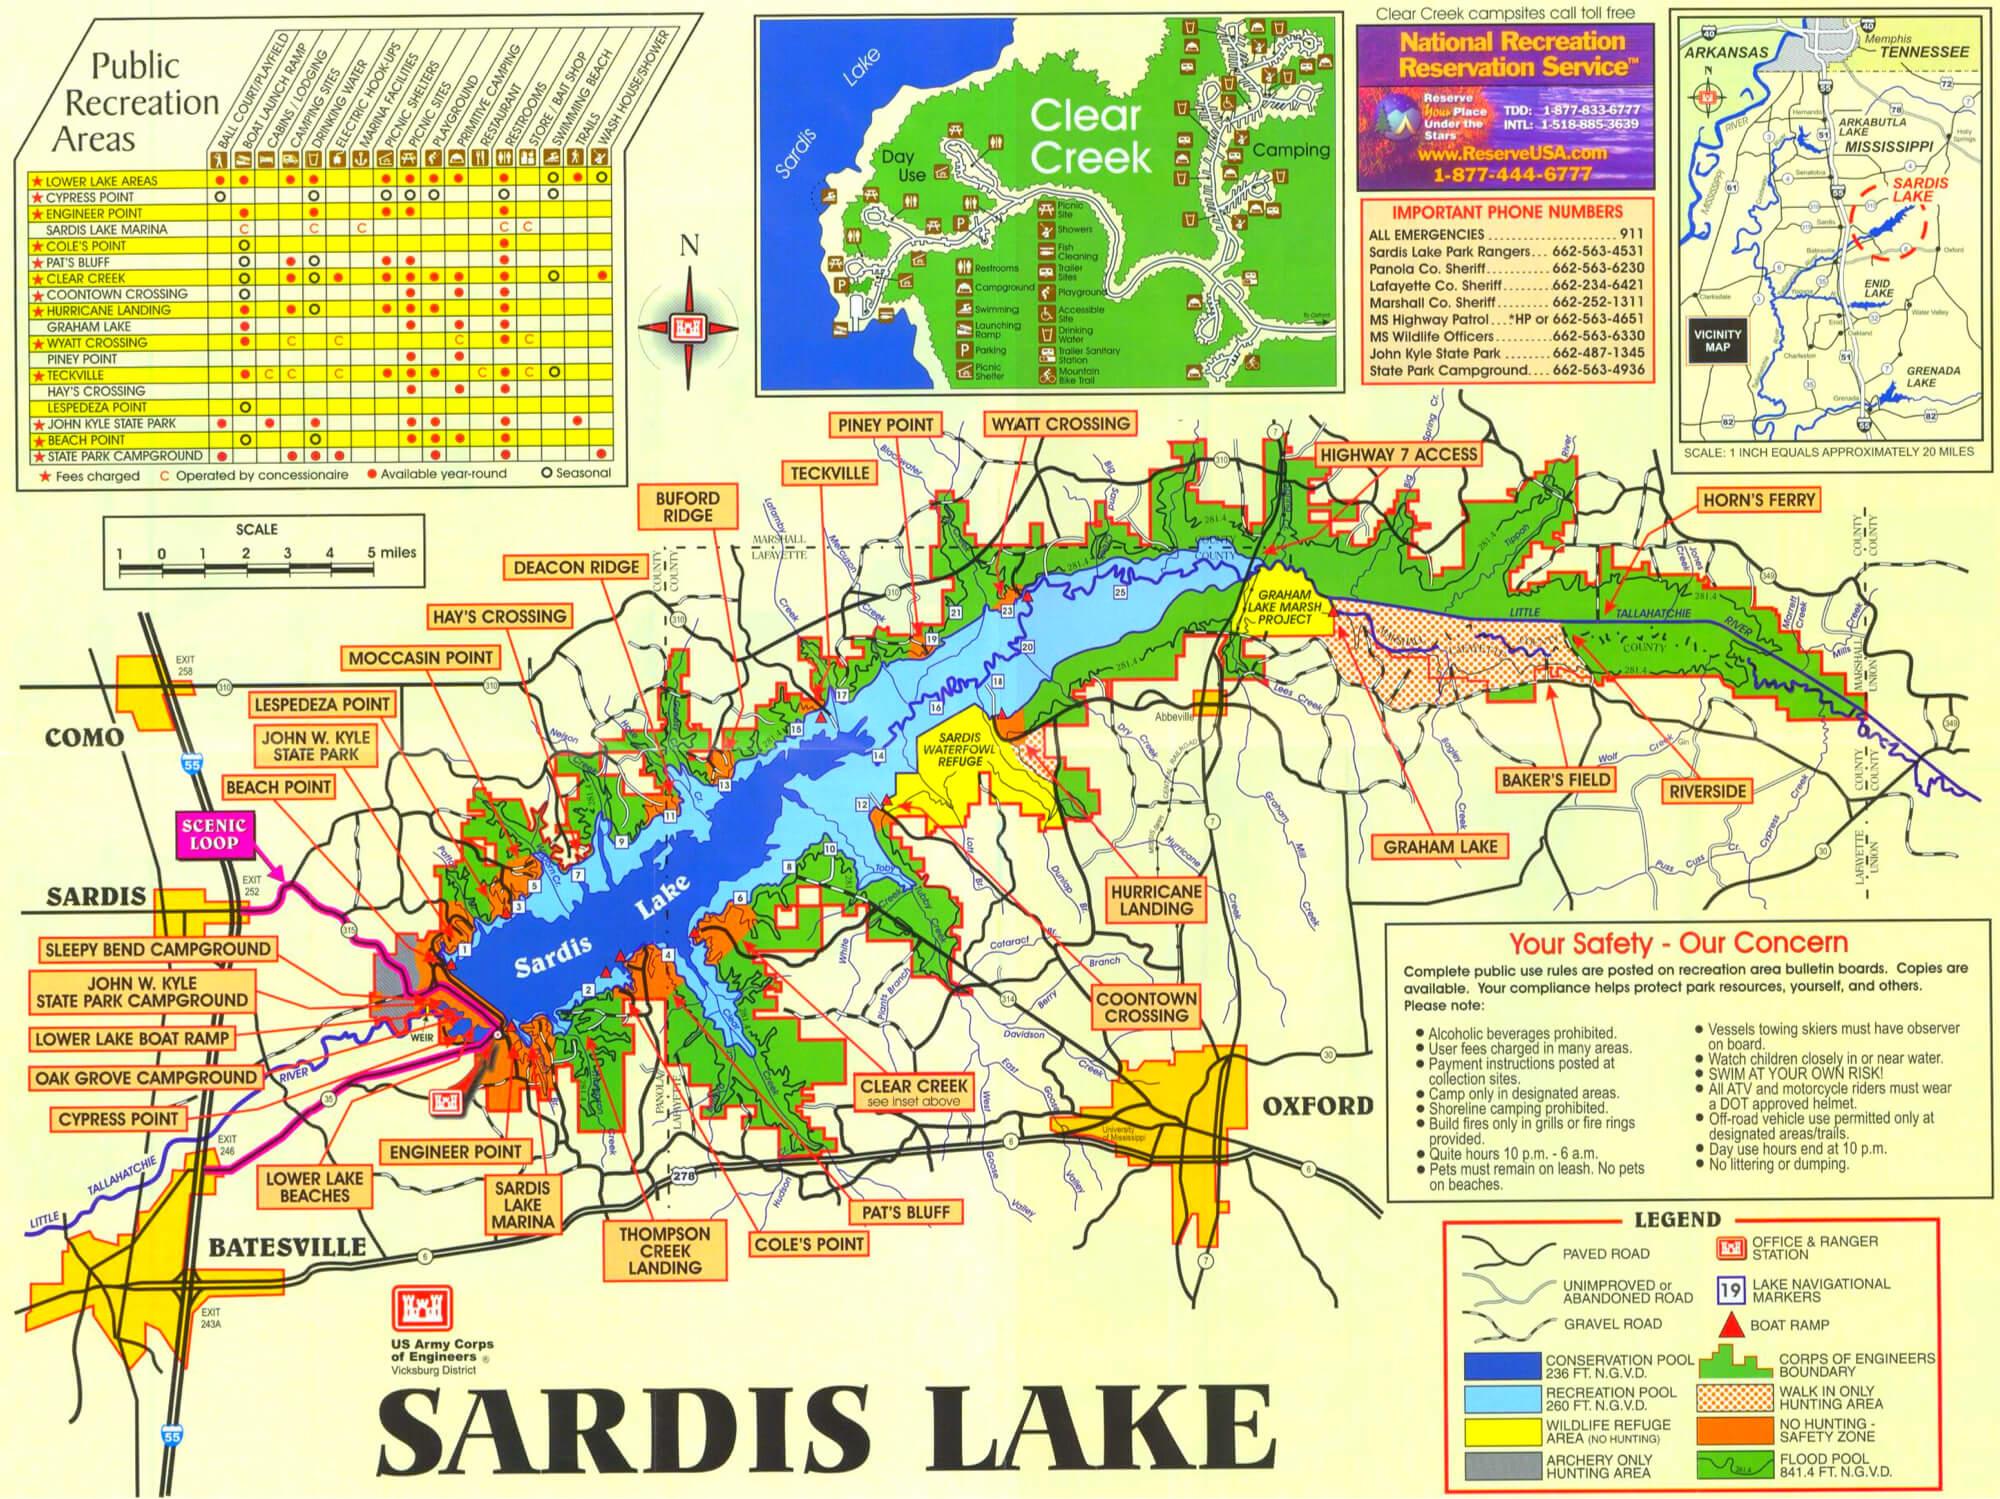 Sardis-Lake-Fishing-Map-Mississippi-MS-05 Copy